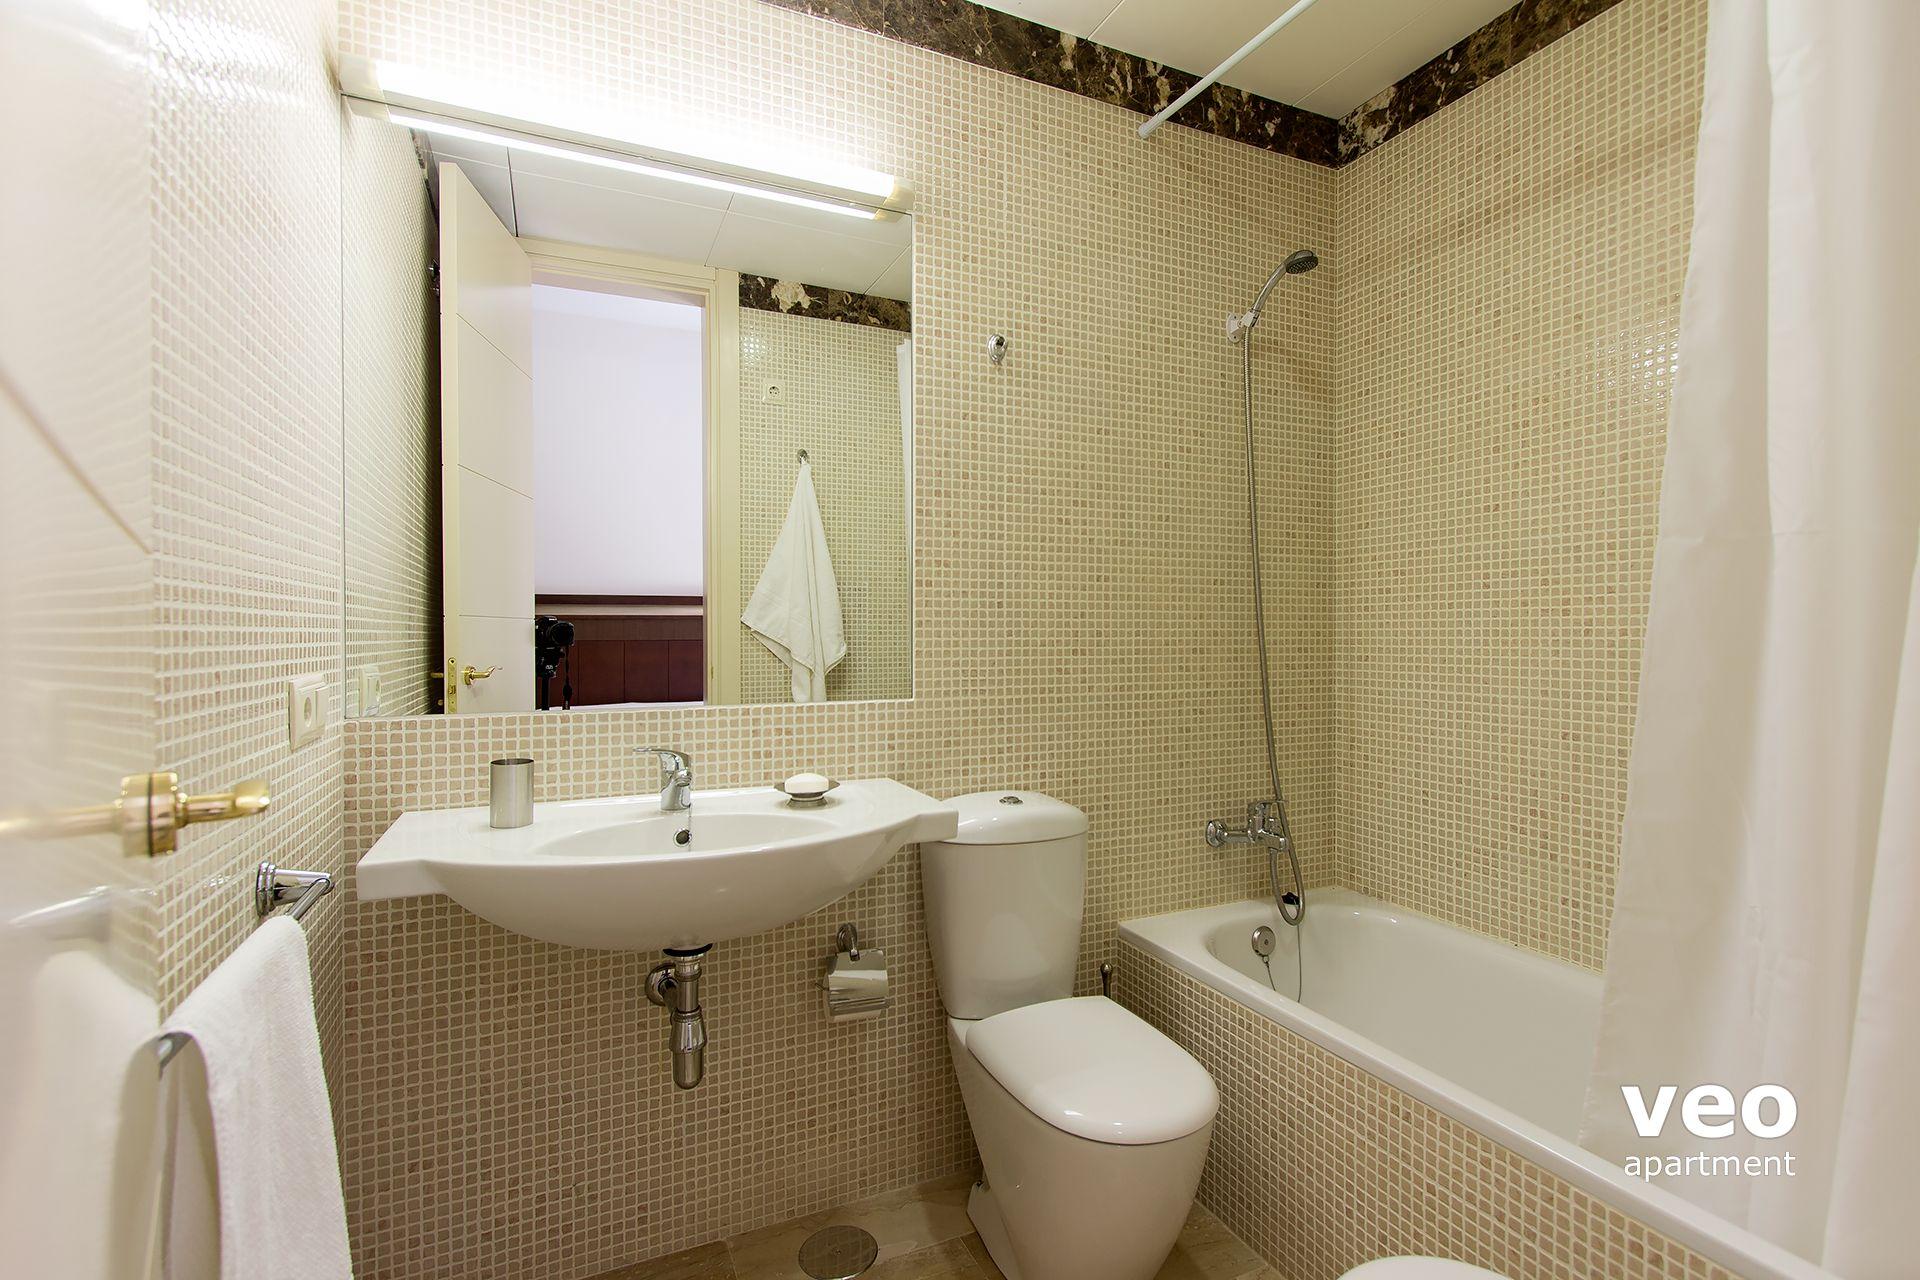 Non En Suite Bathroom: Seville Apartment Pajaritos Street Seville Spain